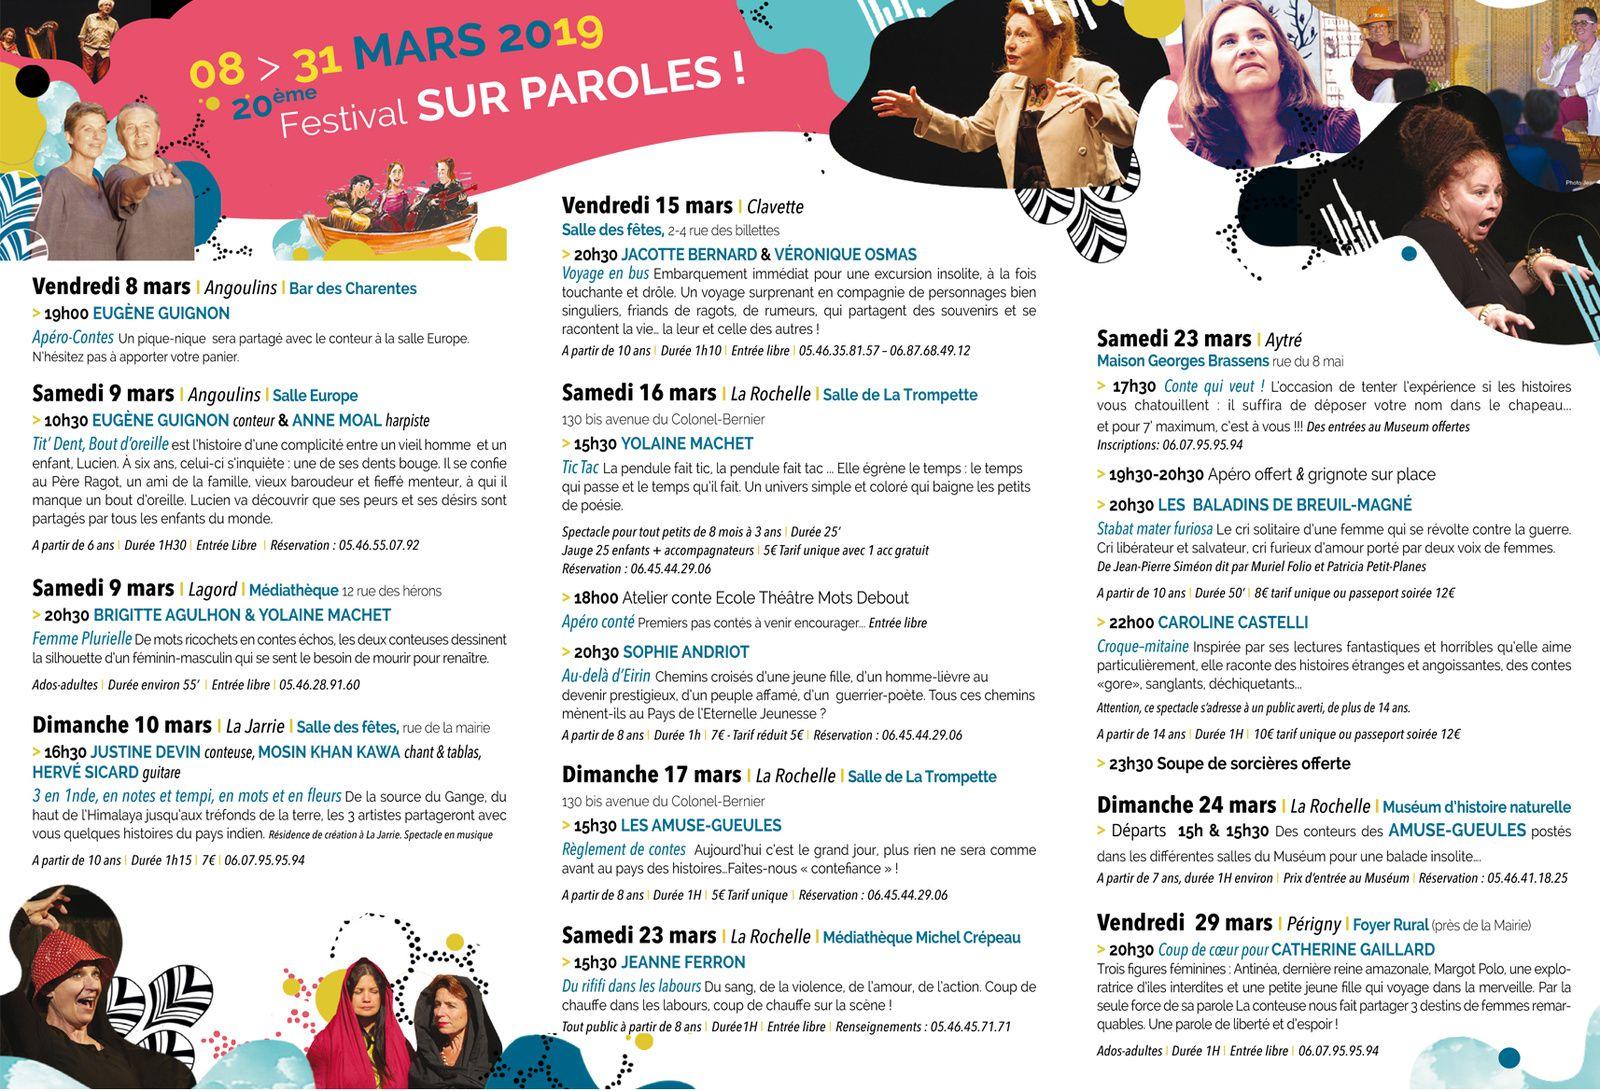 Festival sur parole - Les Amuses Gueules - La Rochelle